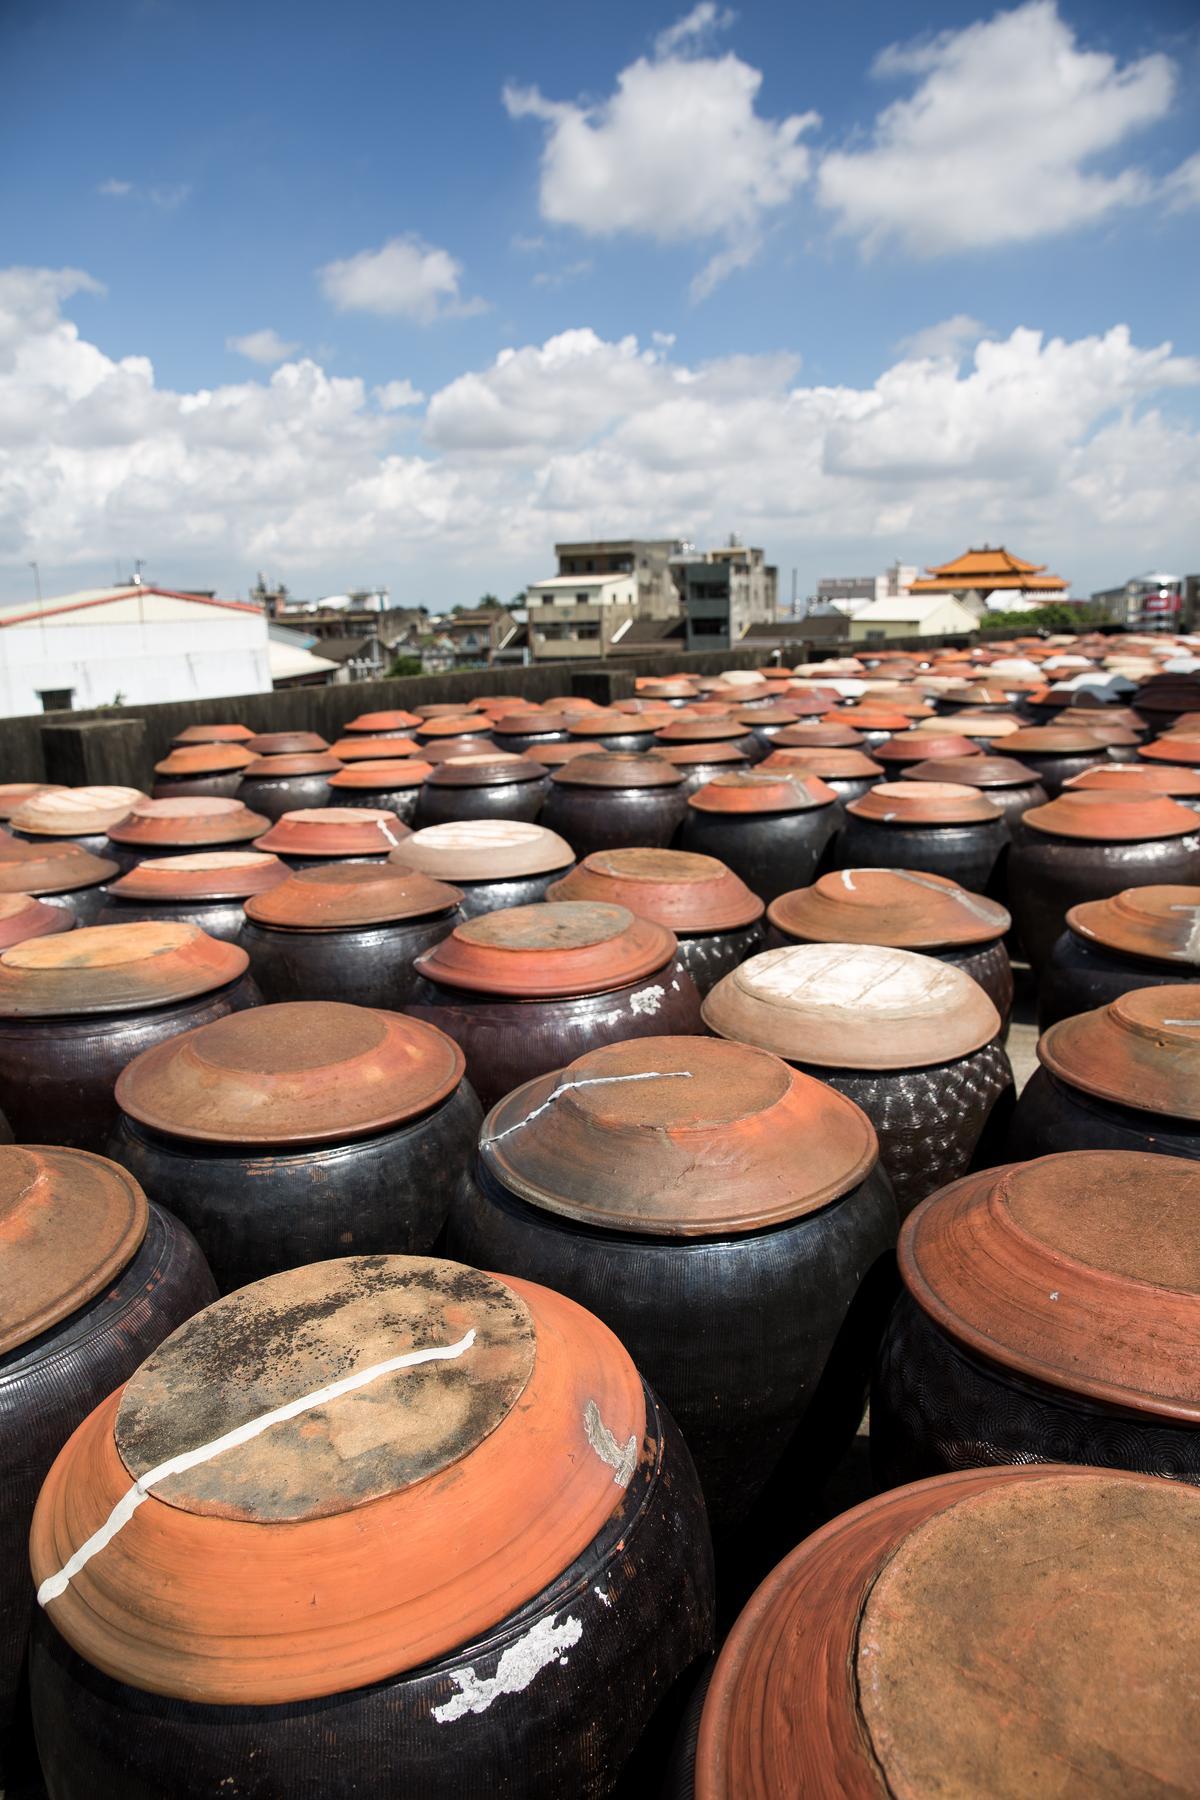 西螺的丸莊觀光工廠裡,至今仍擺放著上千個釀醬油的陶甕,相當壯觀。